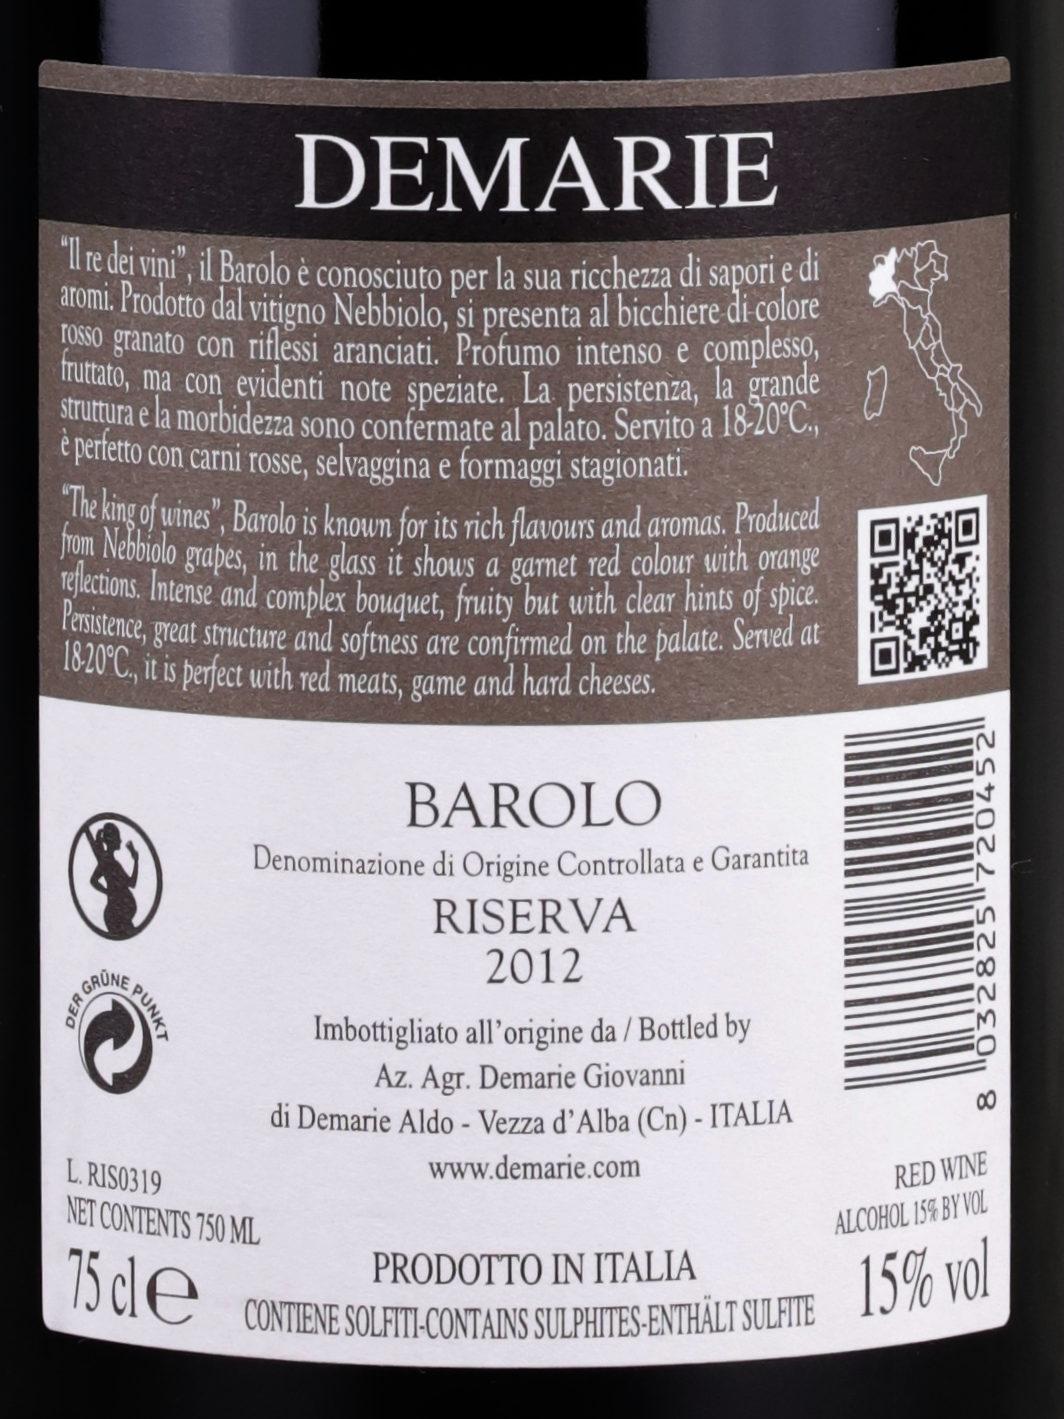 Back label of Demarie Barolo Riserva 2012